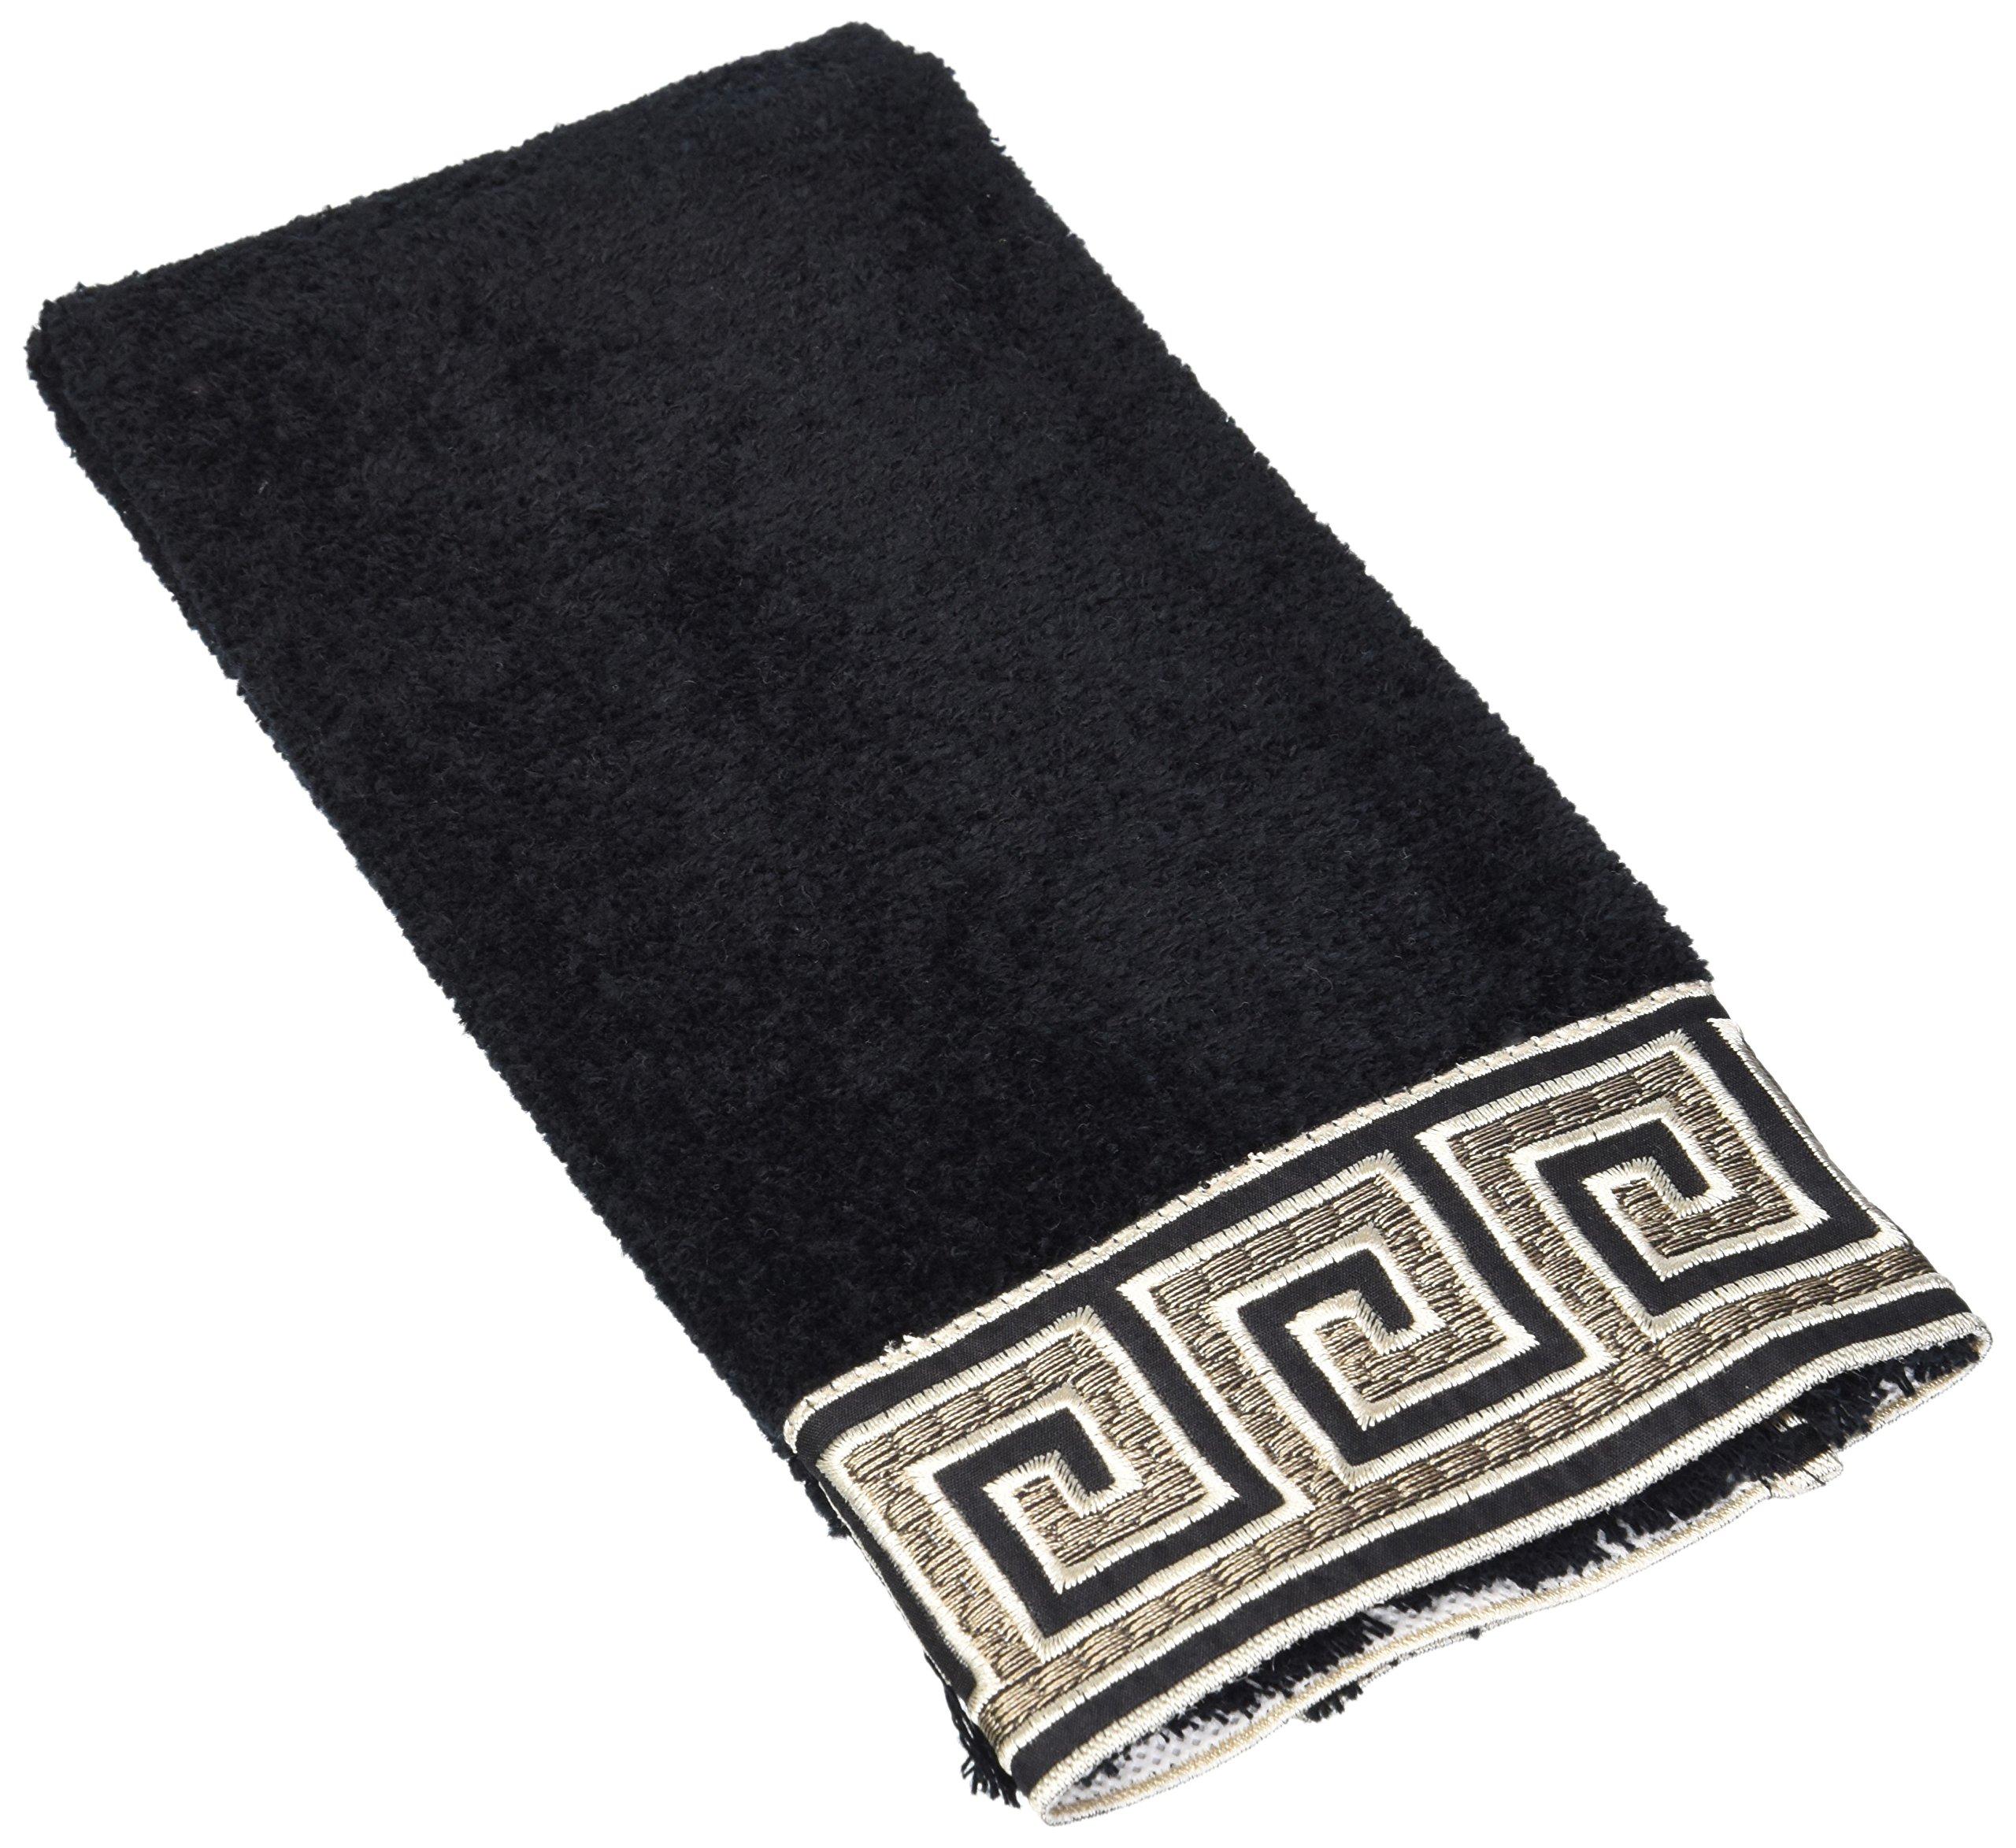 Avanti Linens Eternity Fingertip Towel, 11 by 18-Inch, Black